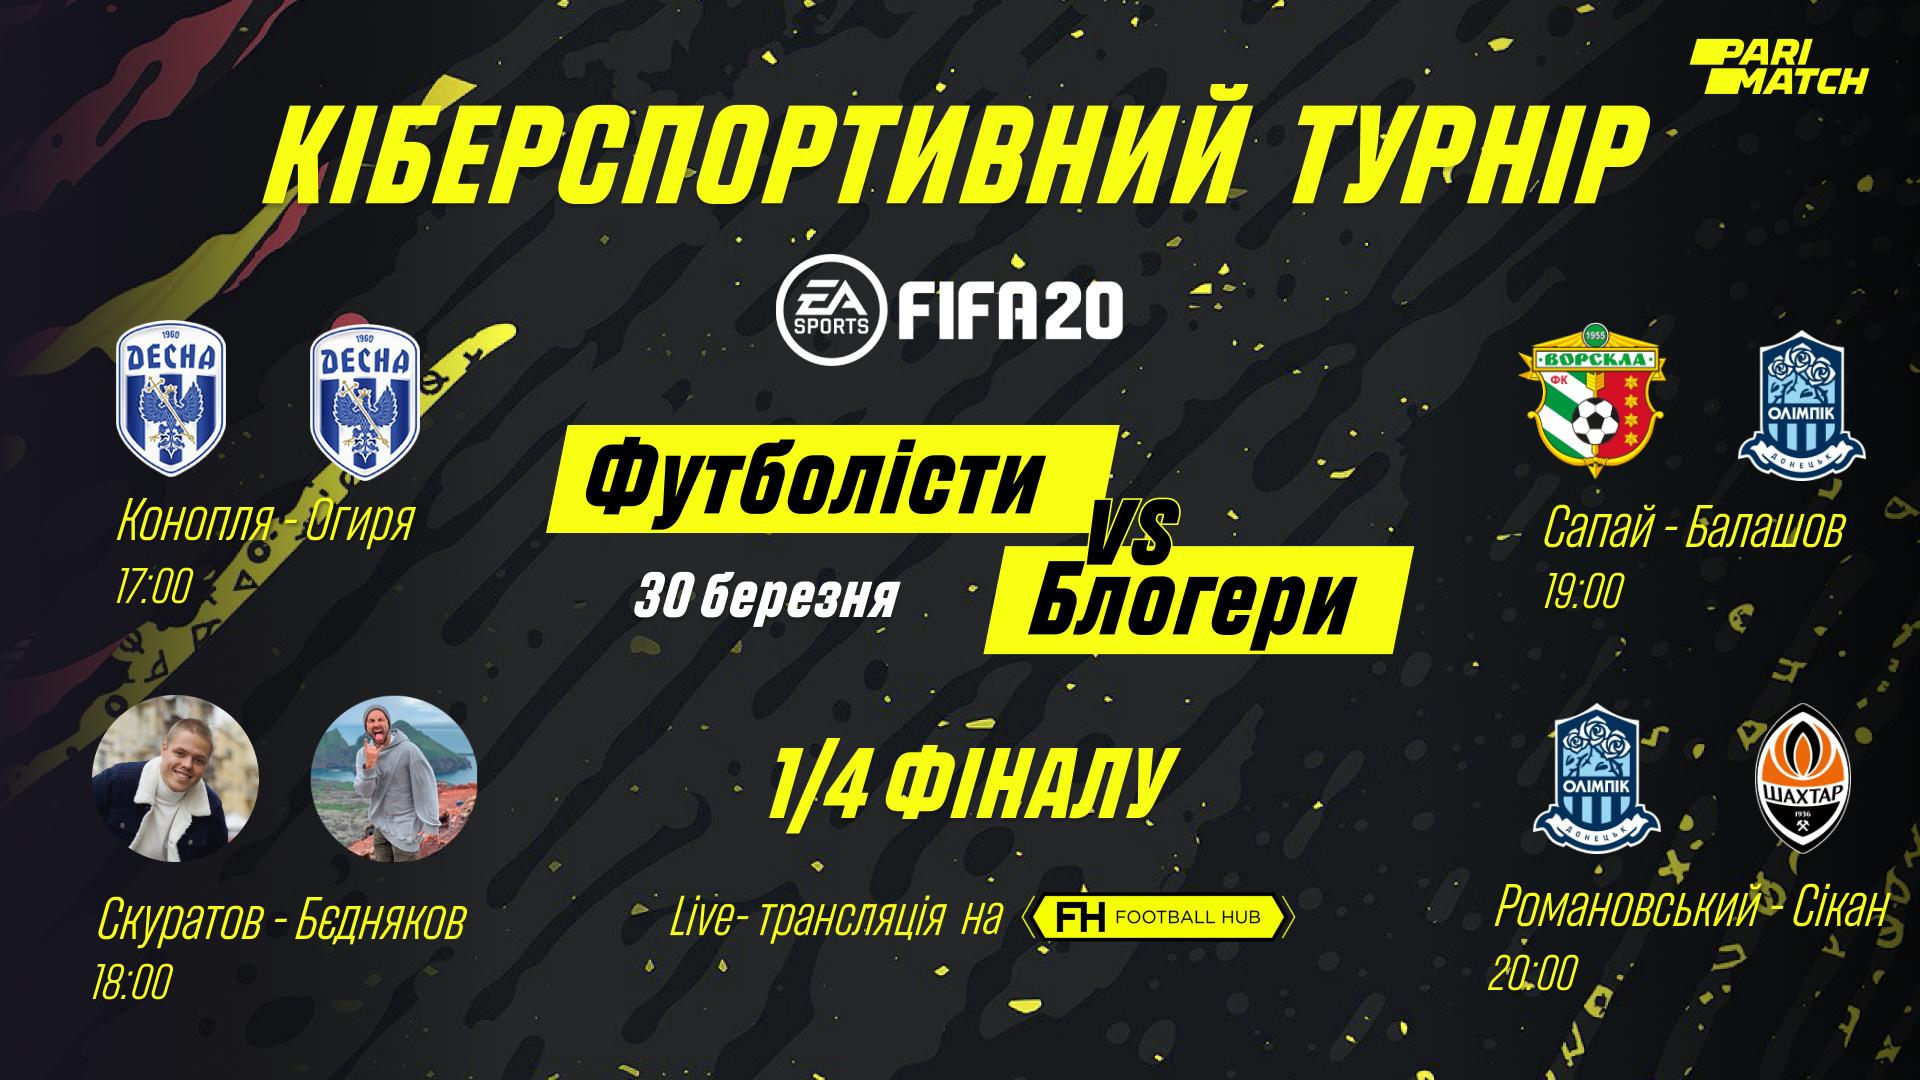 У кіберспортивному турнірі @parimatchukraine стартує боротьба в топ-4